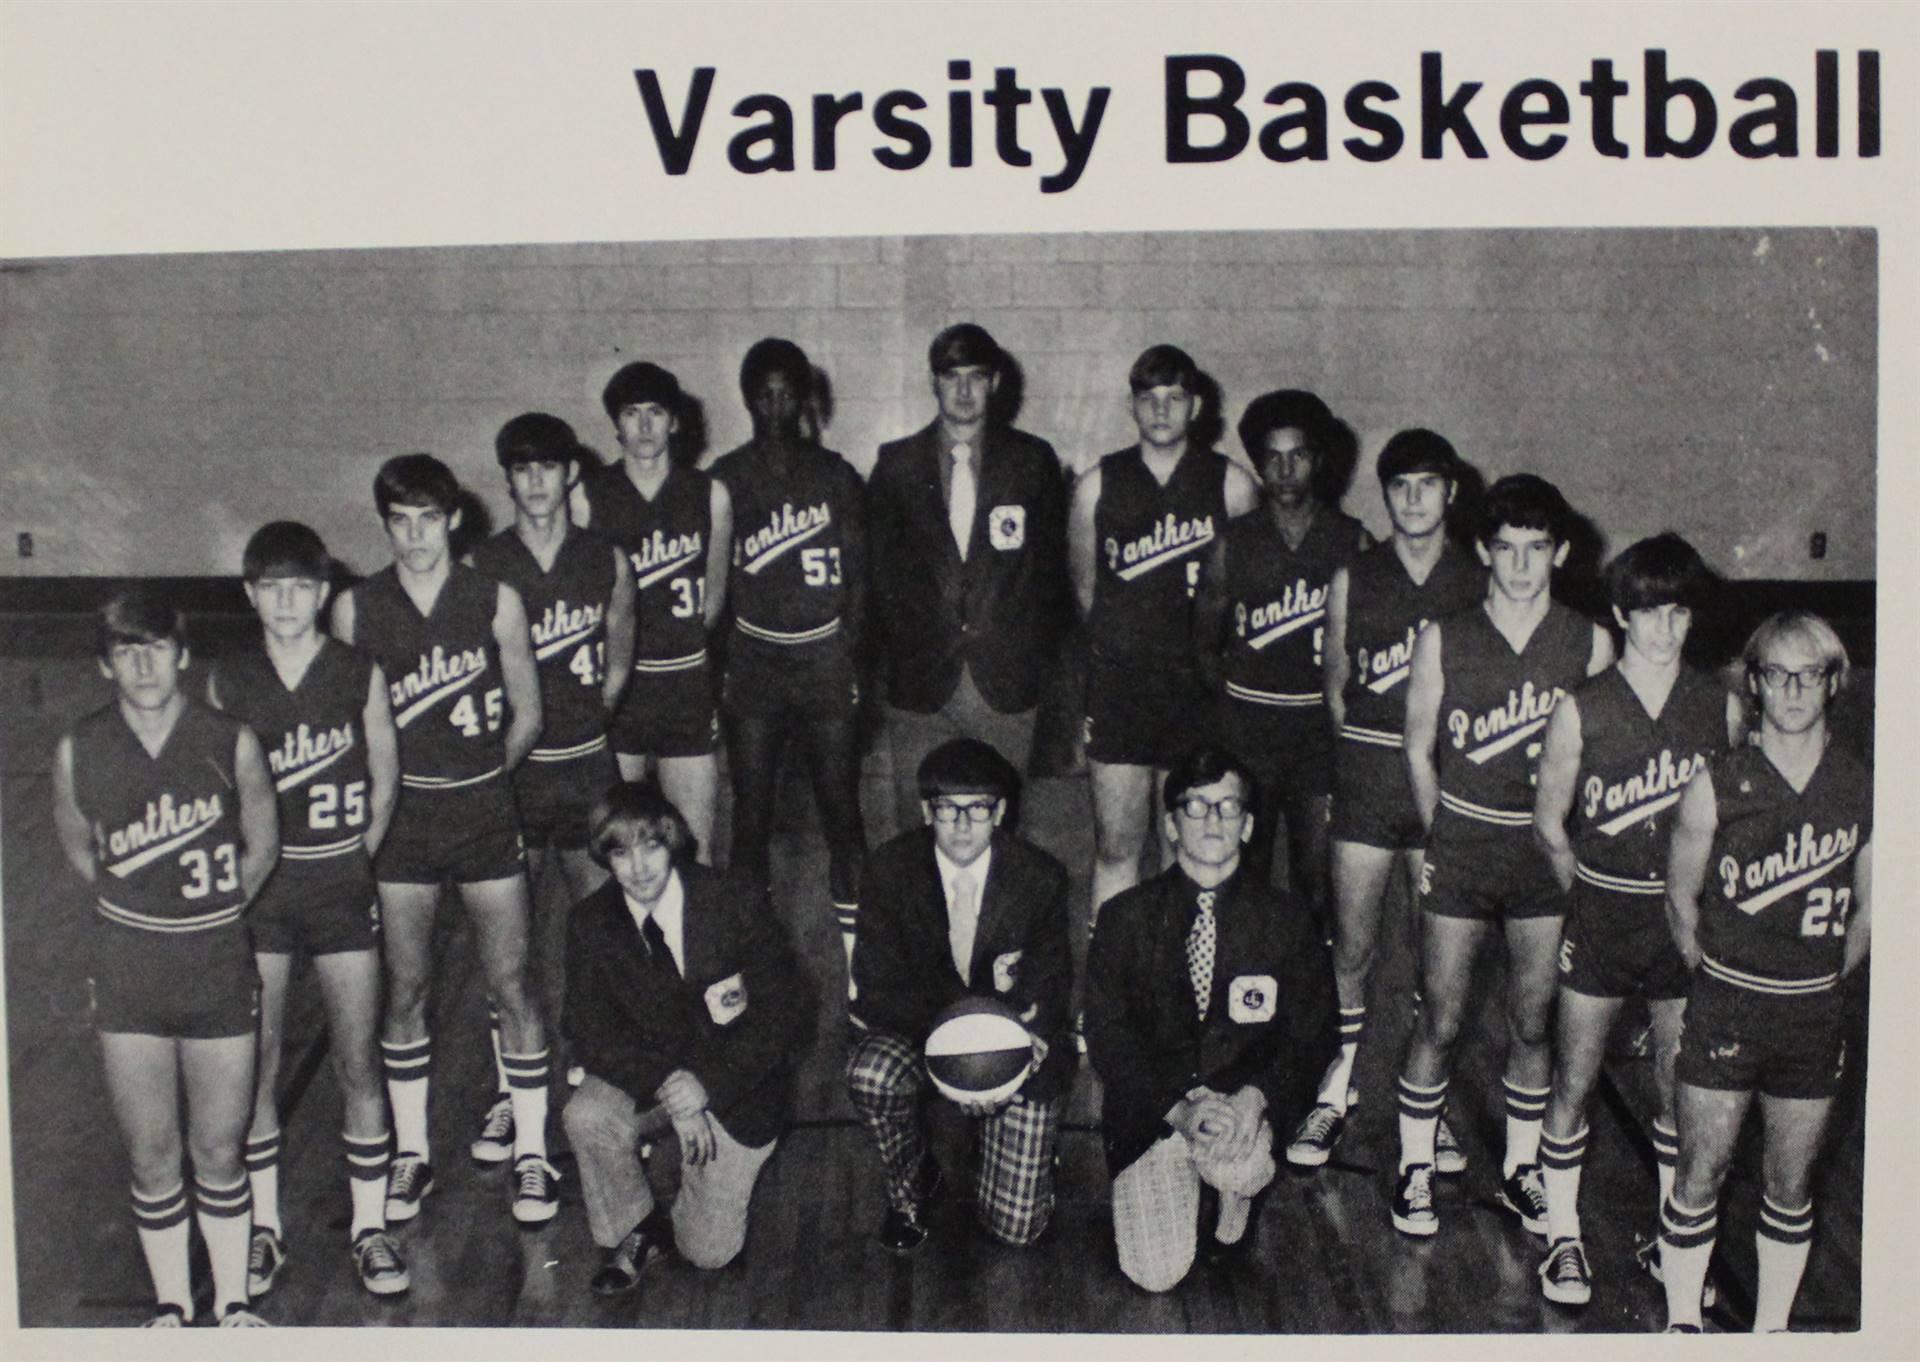 1974 Varsity Basketball